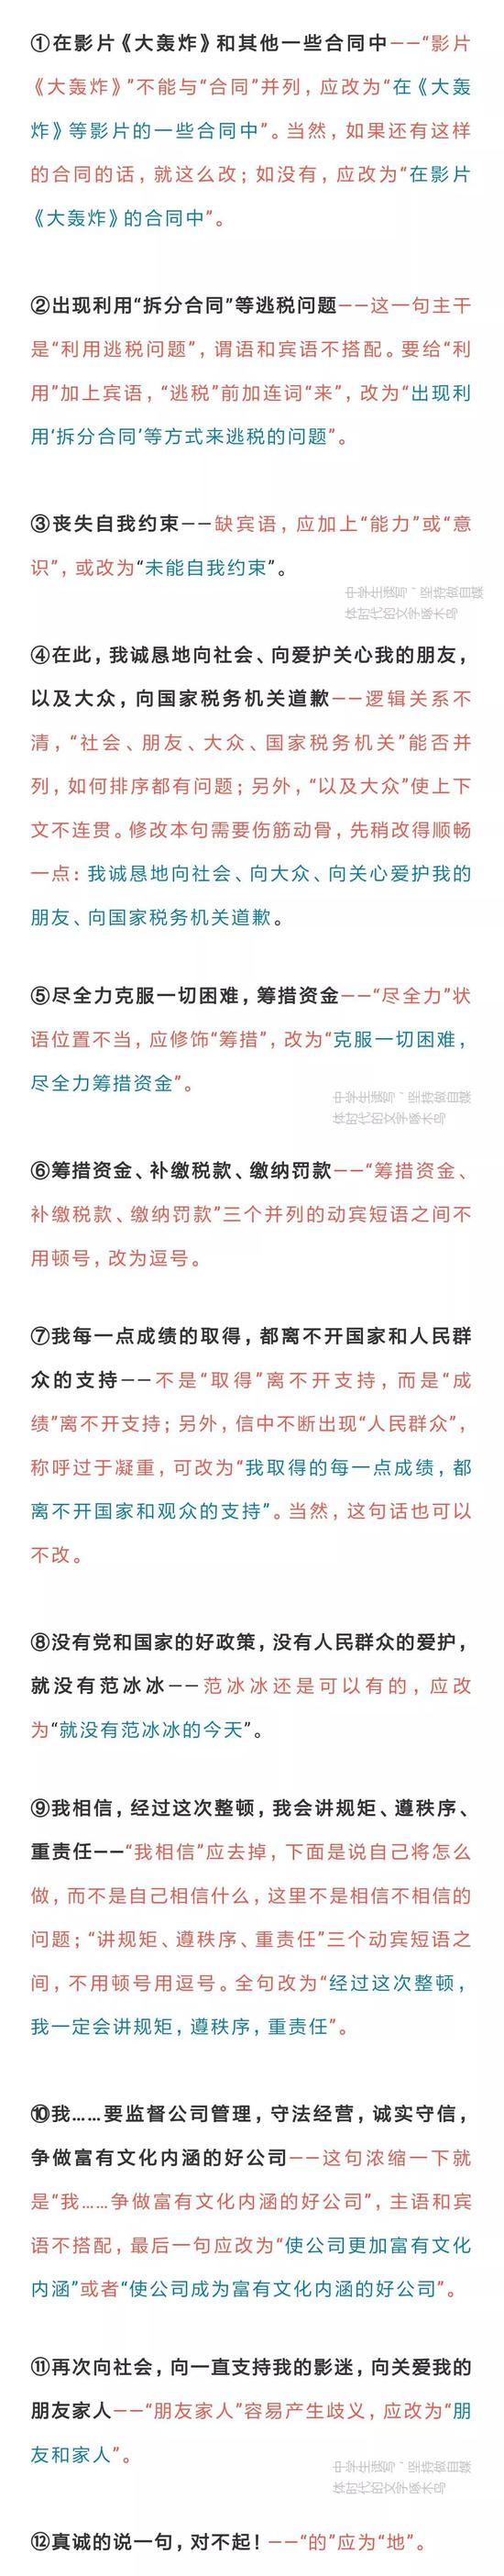 范冰冰《致歉信》中12处语法和标点错误详解